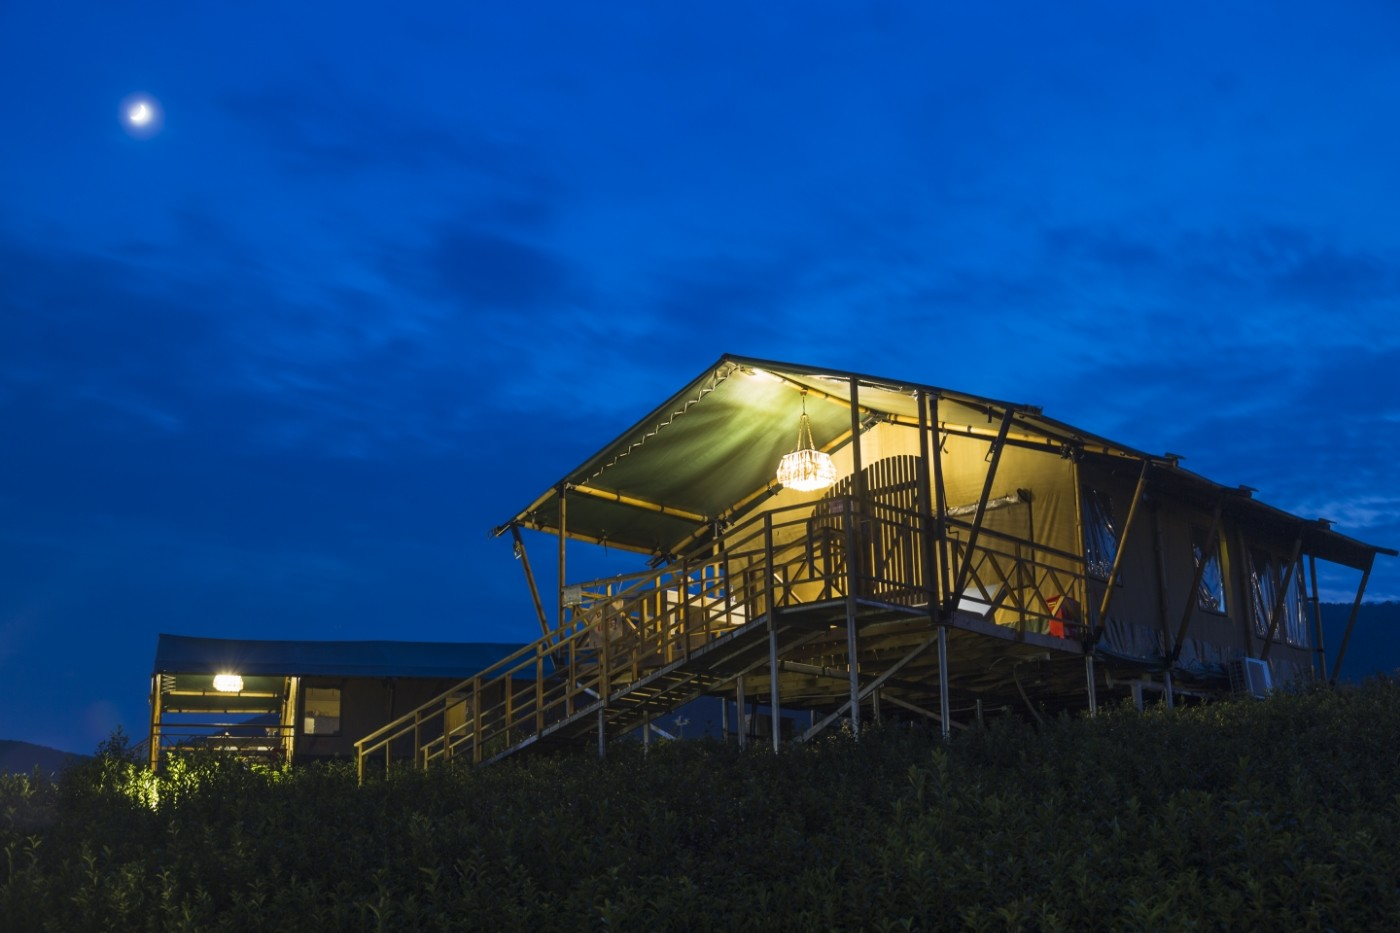 喜马拉雅野奢帐篷酒店—宝盛园夜色25